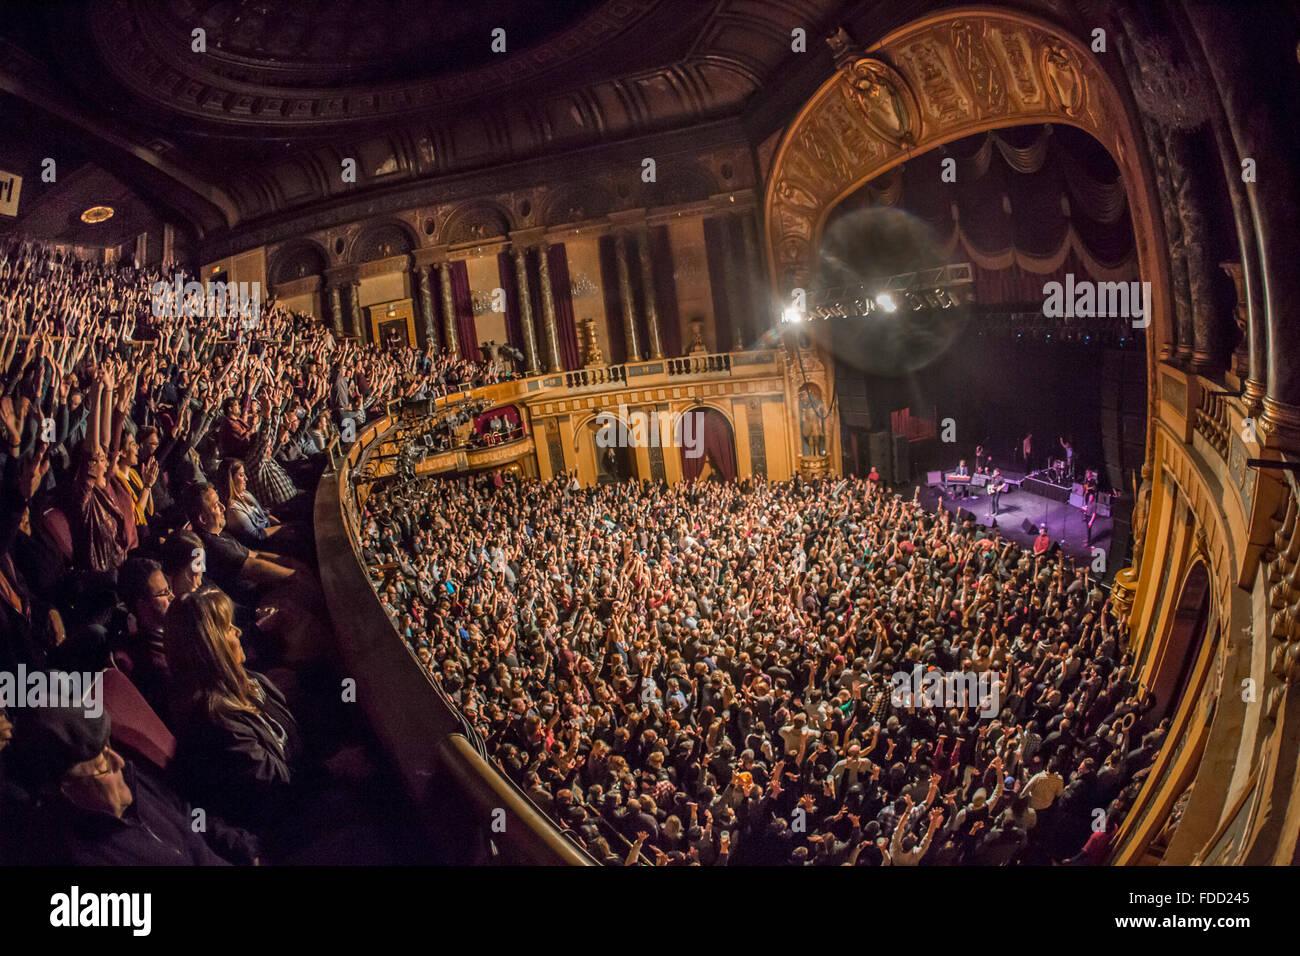 Detroit, Michigan, USA. 29 janvier, 2016. NATHANIEL RATELIFF ET LA NUIT sue le lancement de leur tournée mondiale Photo Stock